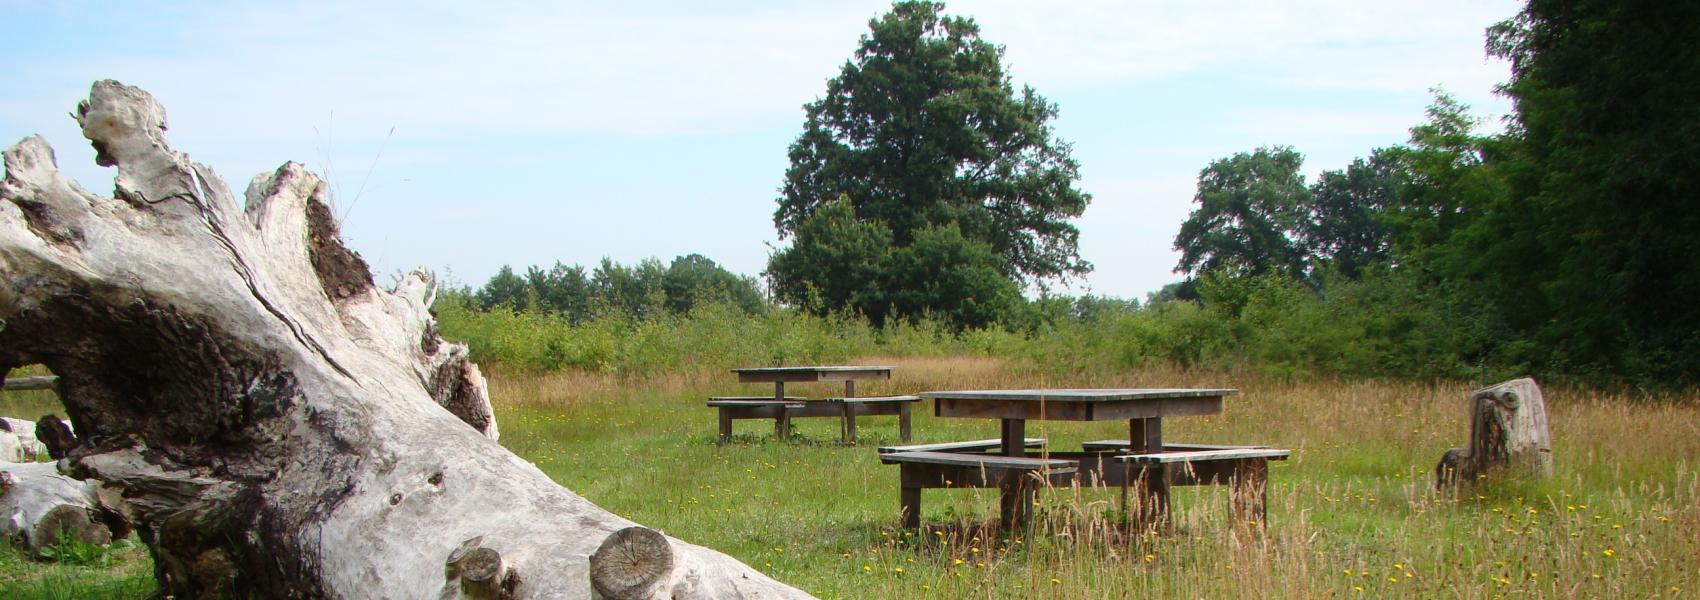 oude omgevallen boomstam bij picknickbanken